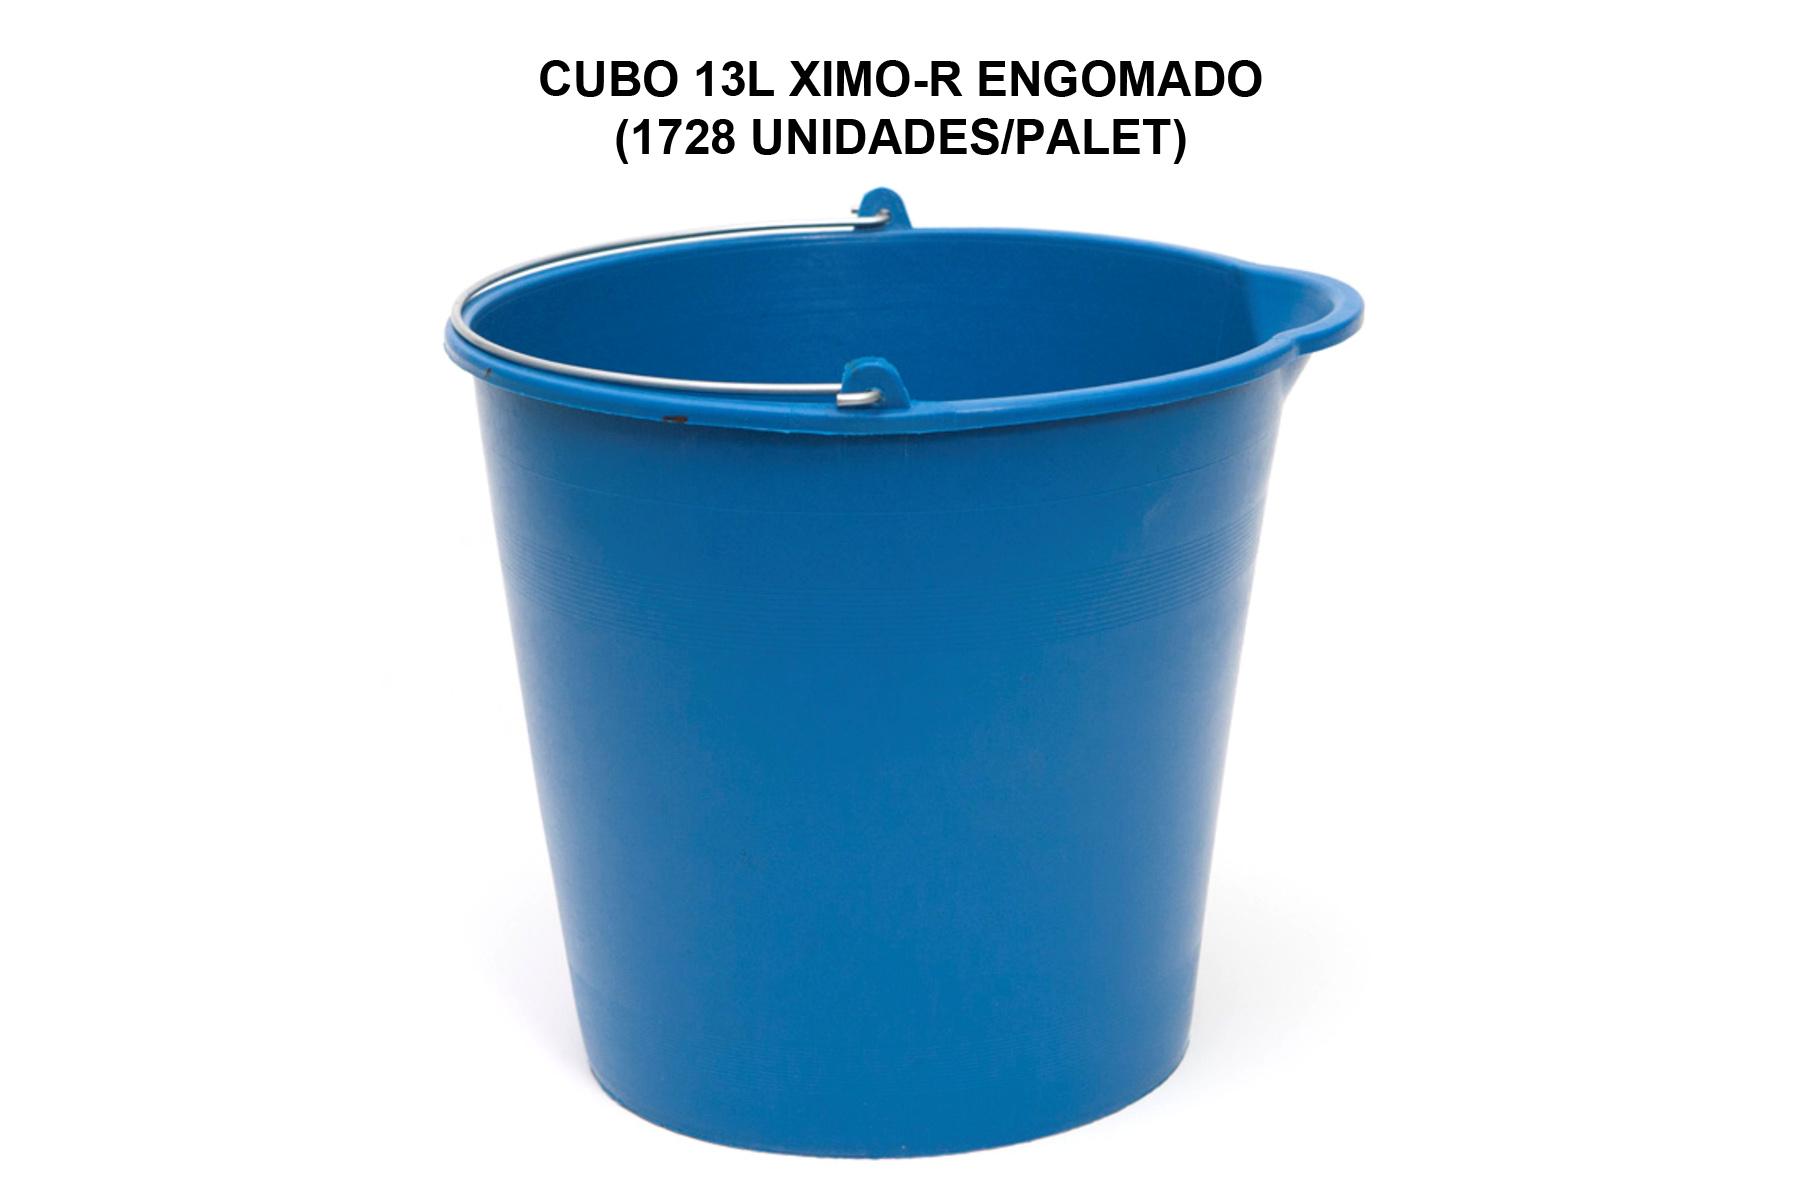 CUBO 13L XIMO-R ENGOMADO AZUL RECICLADO